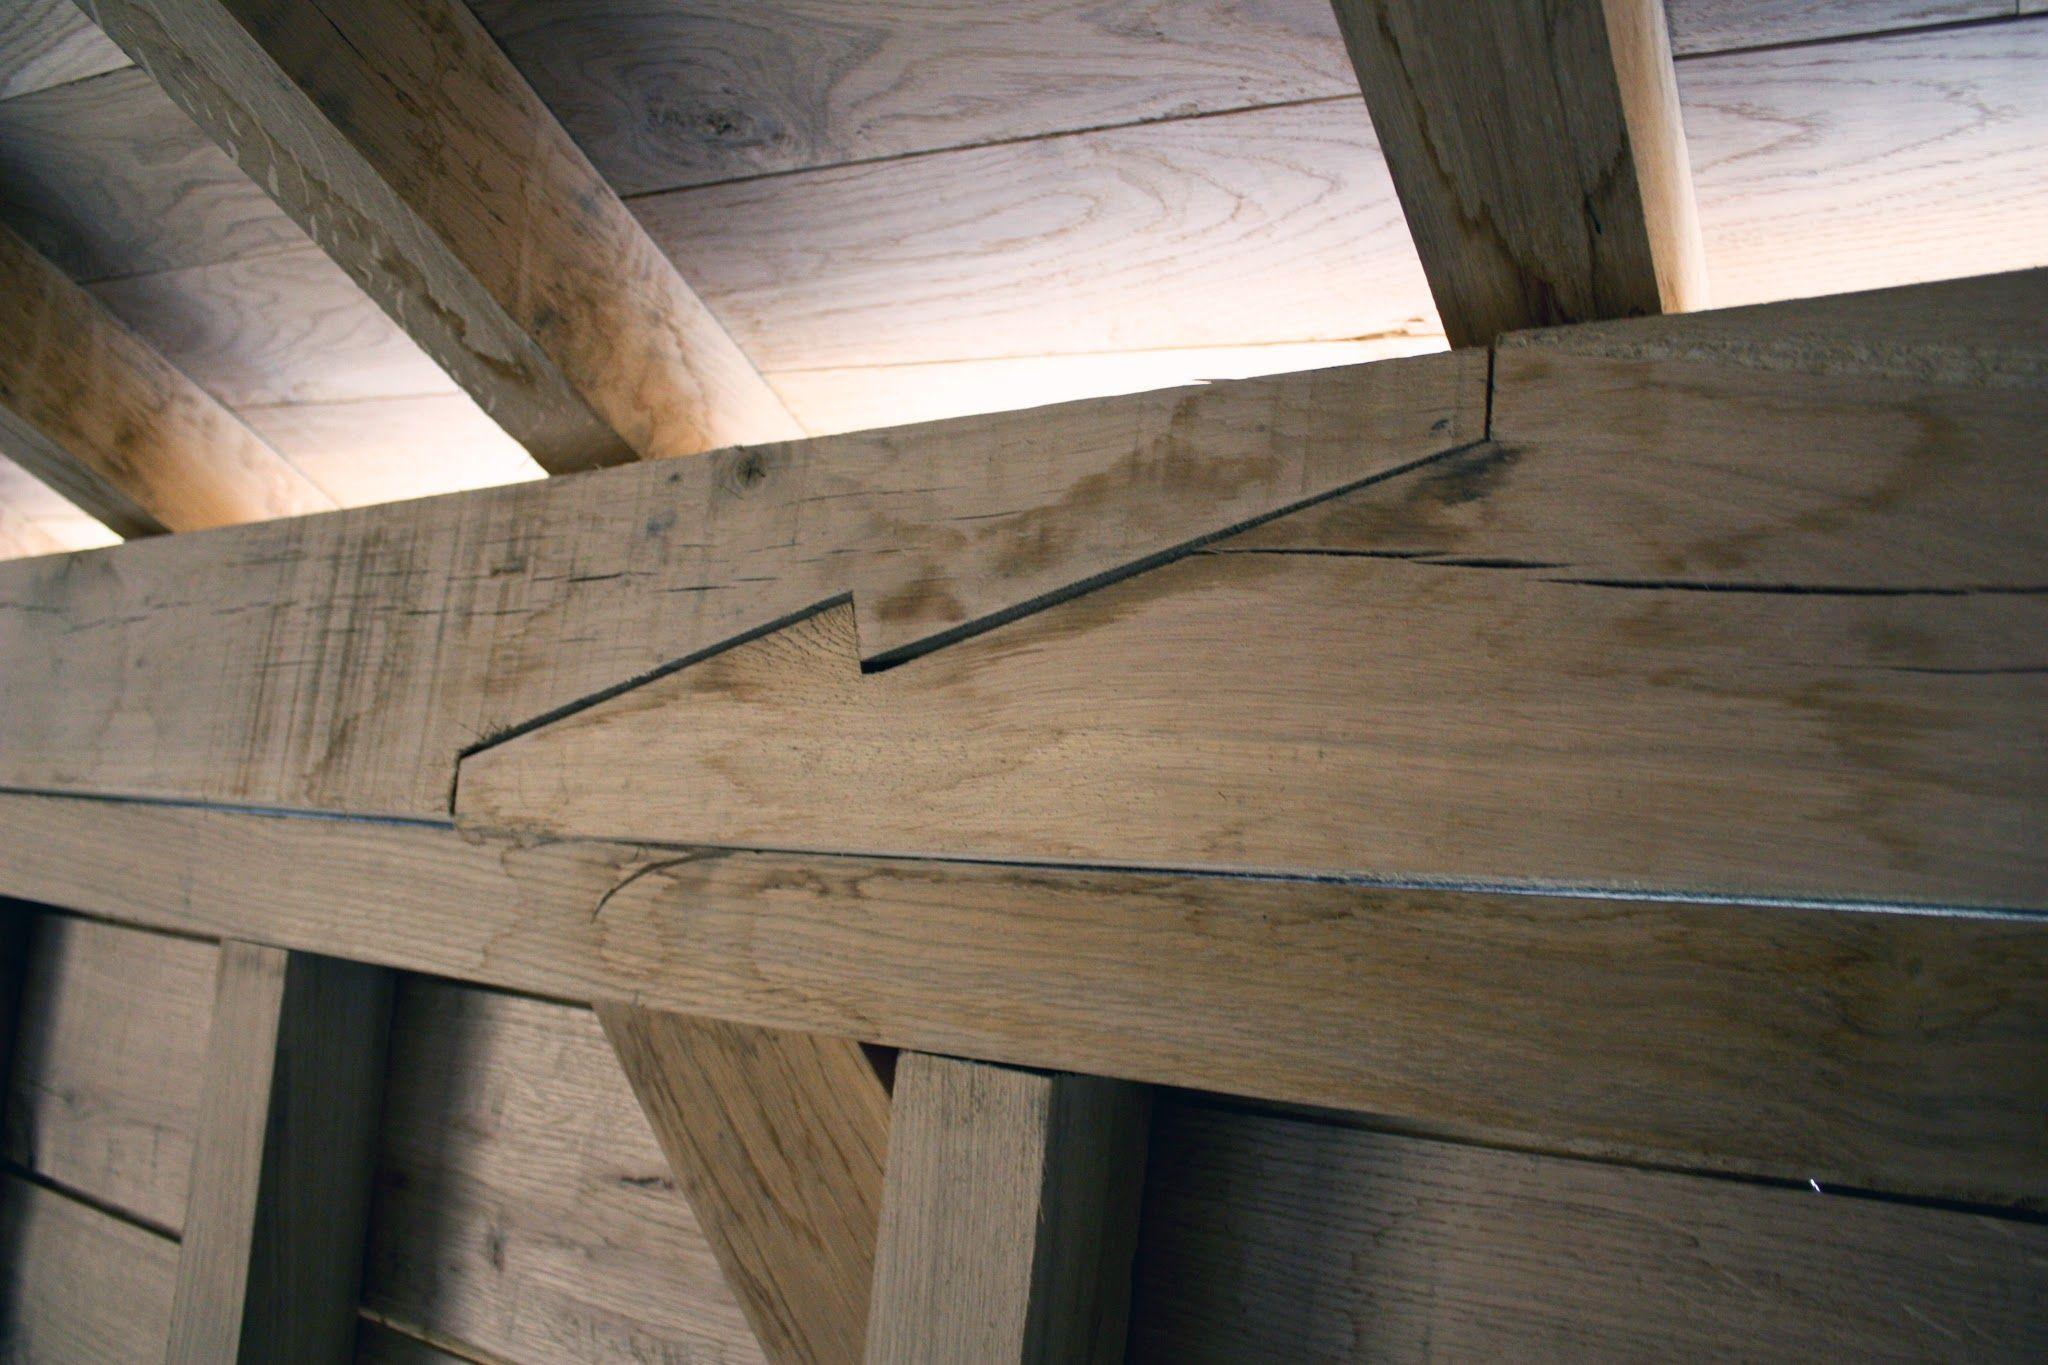 как соединить деревянные балки фото руси только